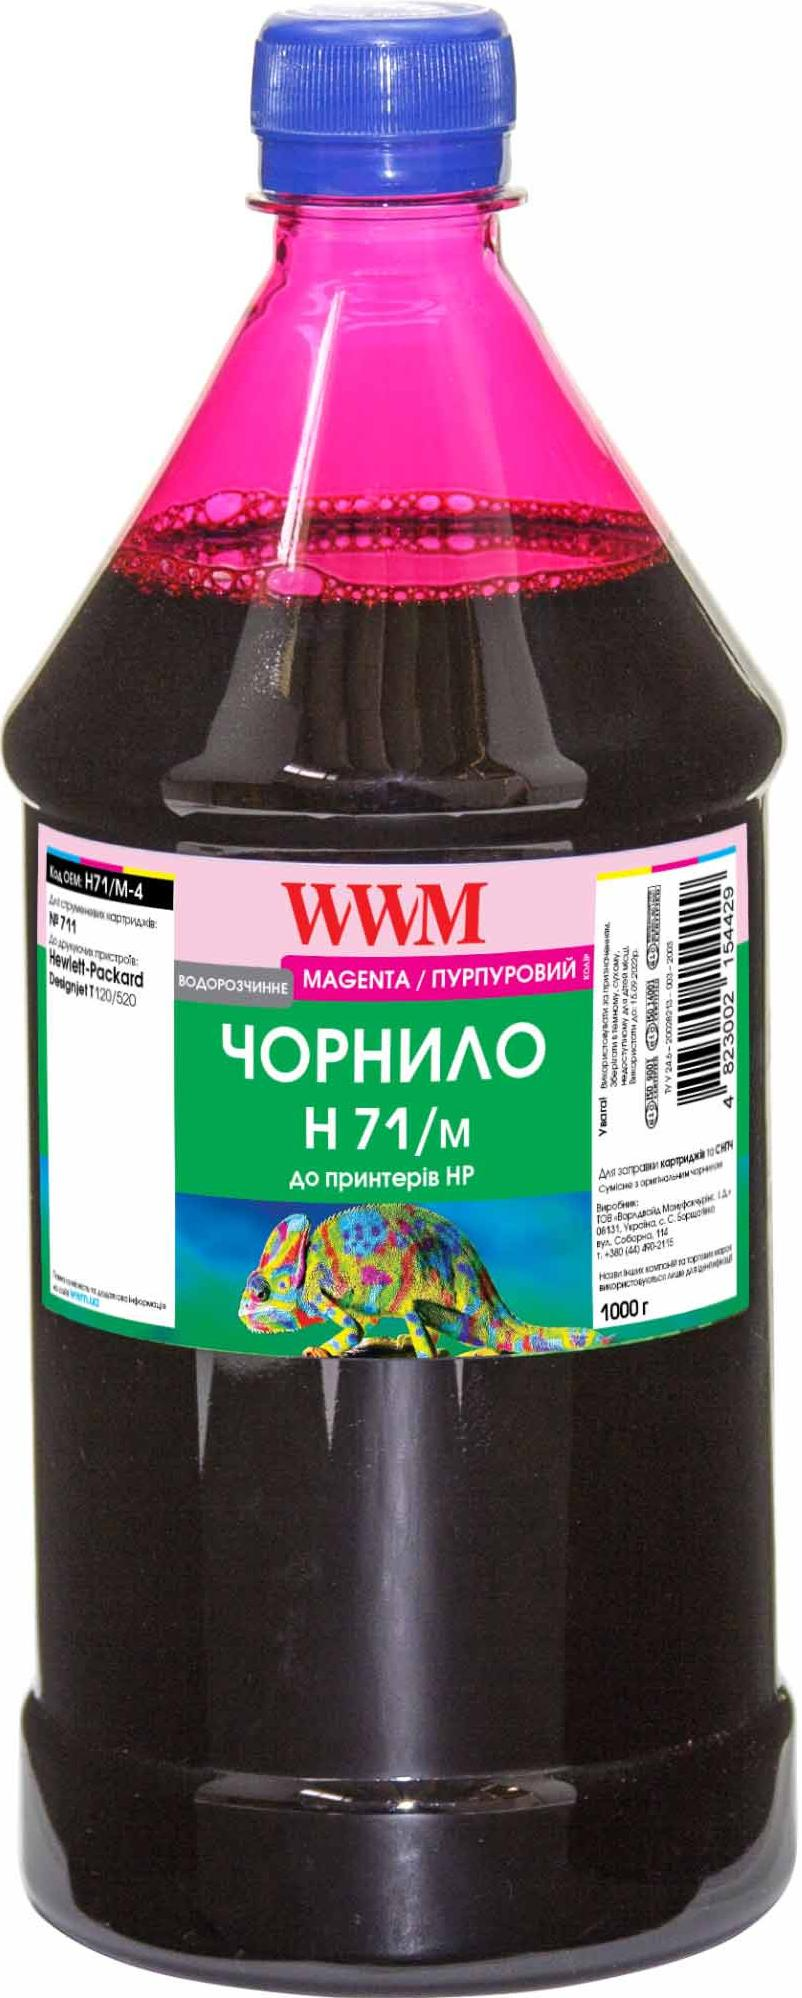 Купить Чорнило WWM for HP №711 1000g Magenta (H71/M-4)